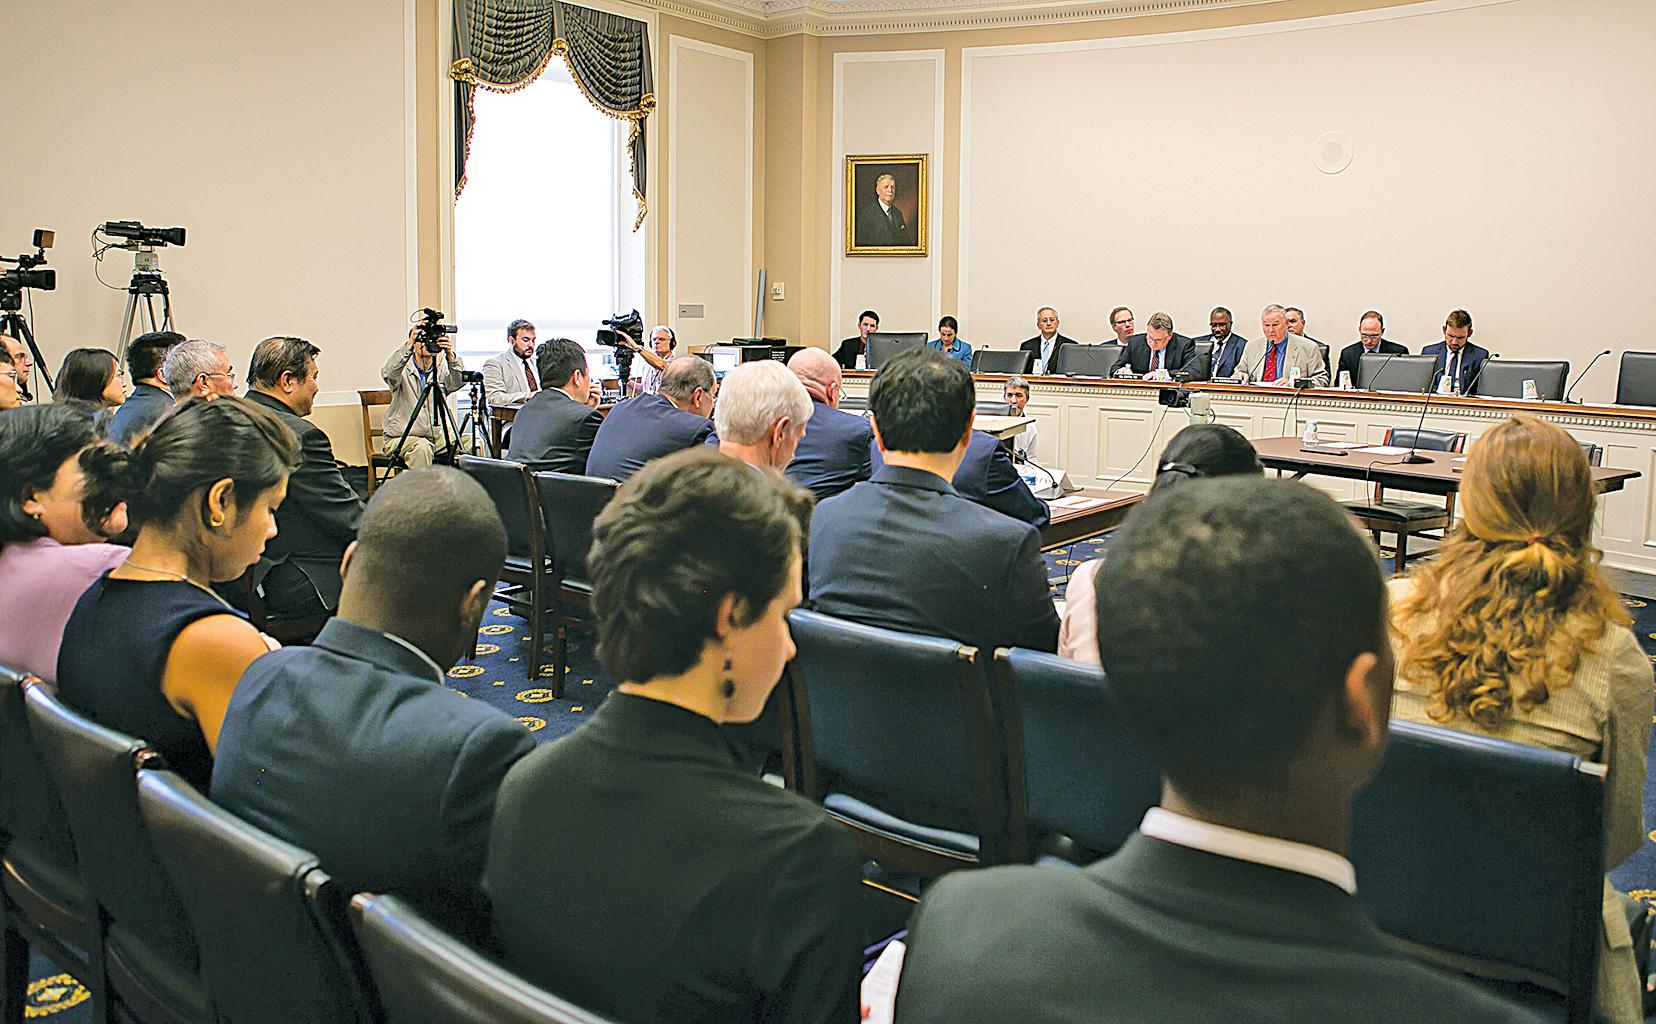 美國國會眾議院外交委員會舉行聯合聽證會,聚焦「中共活摘器官」。(李莎/大紀元)